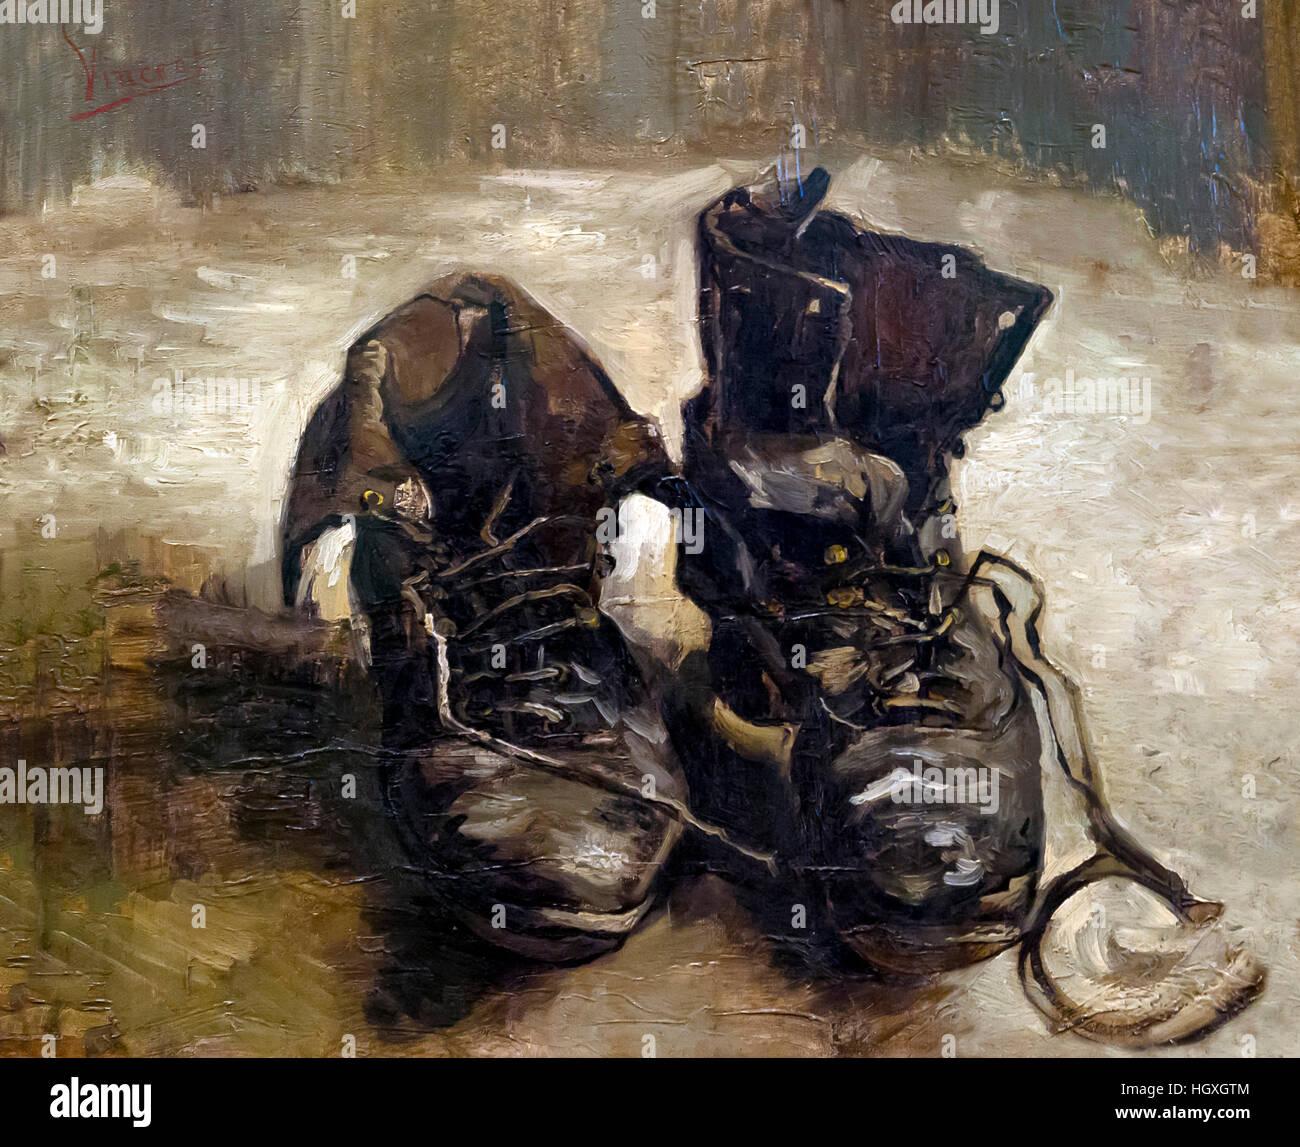 Un paio di scarpe di Vincent van Gogh, 1886, Paesi Bassi